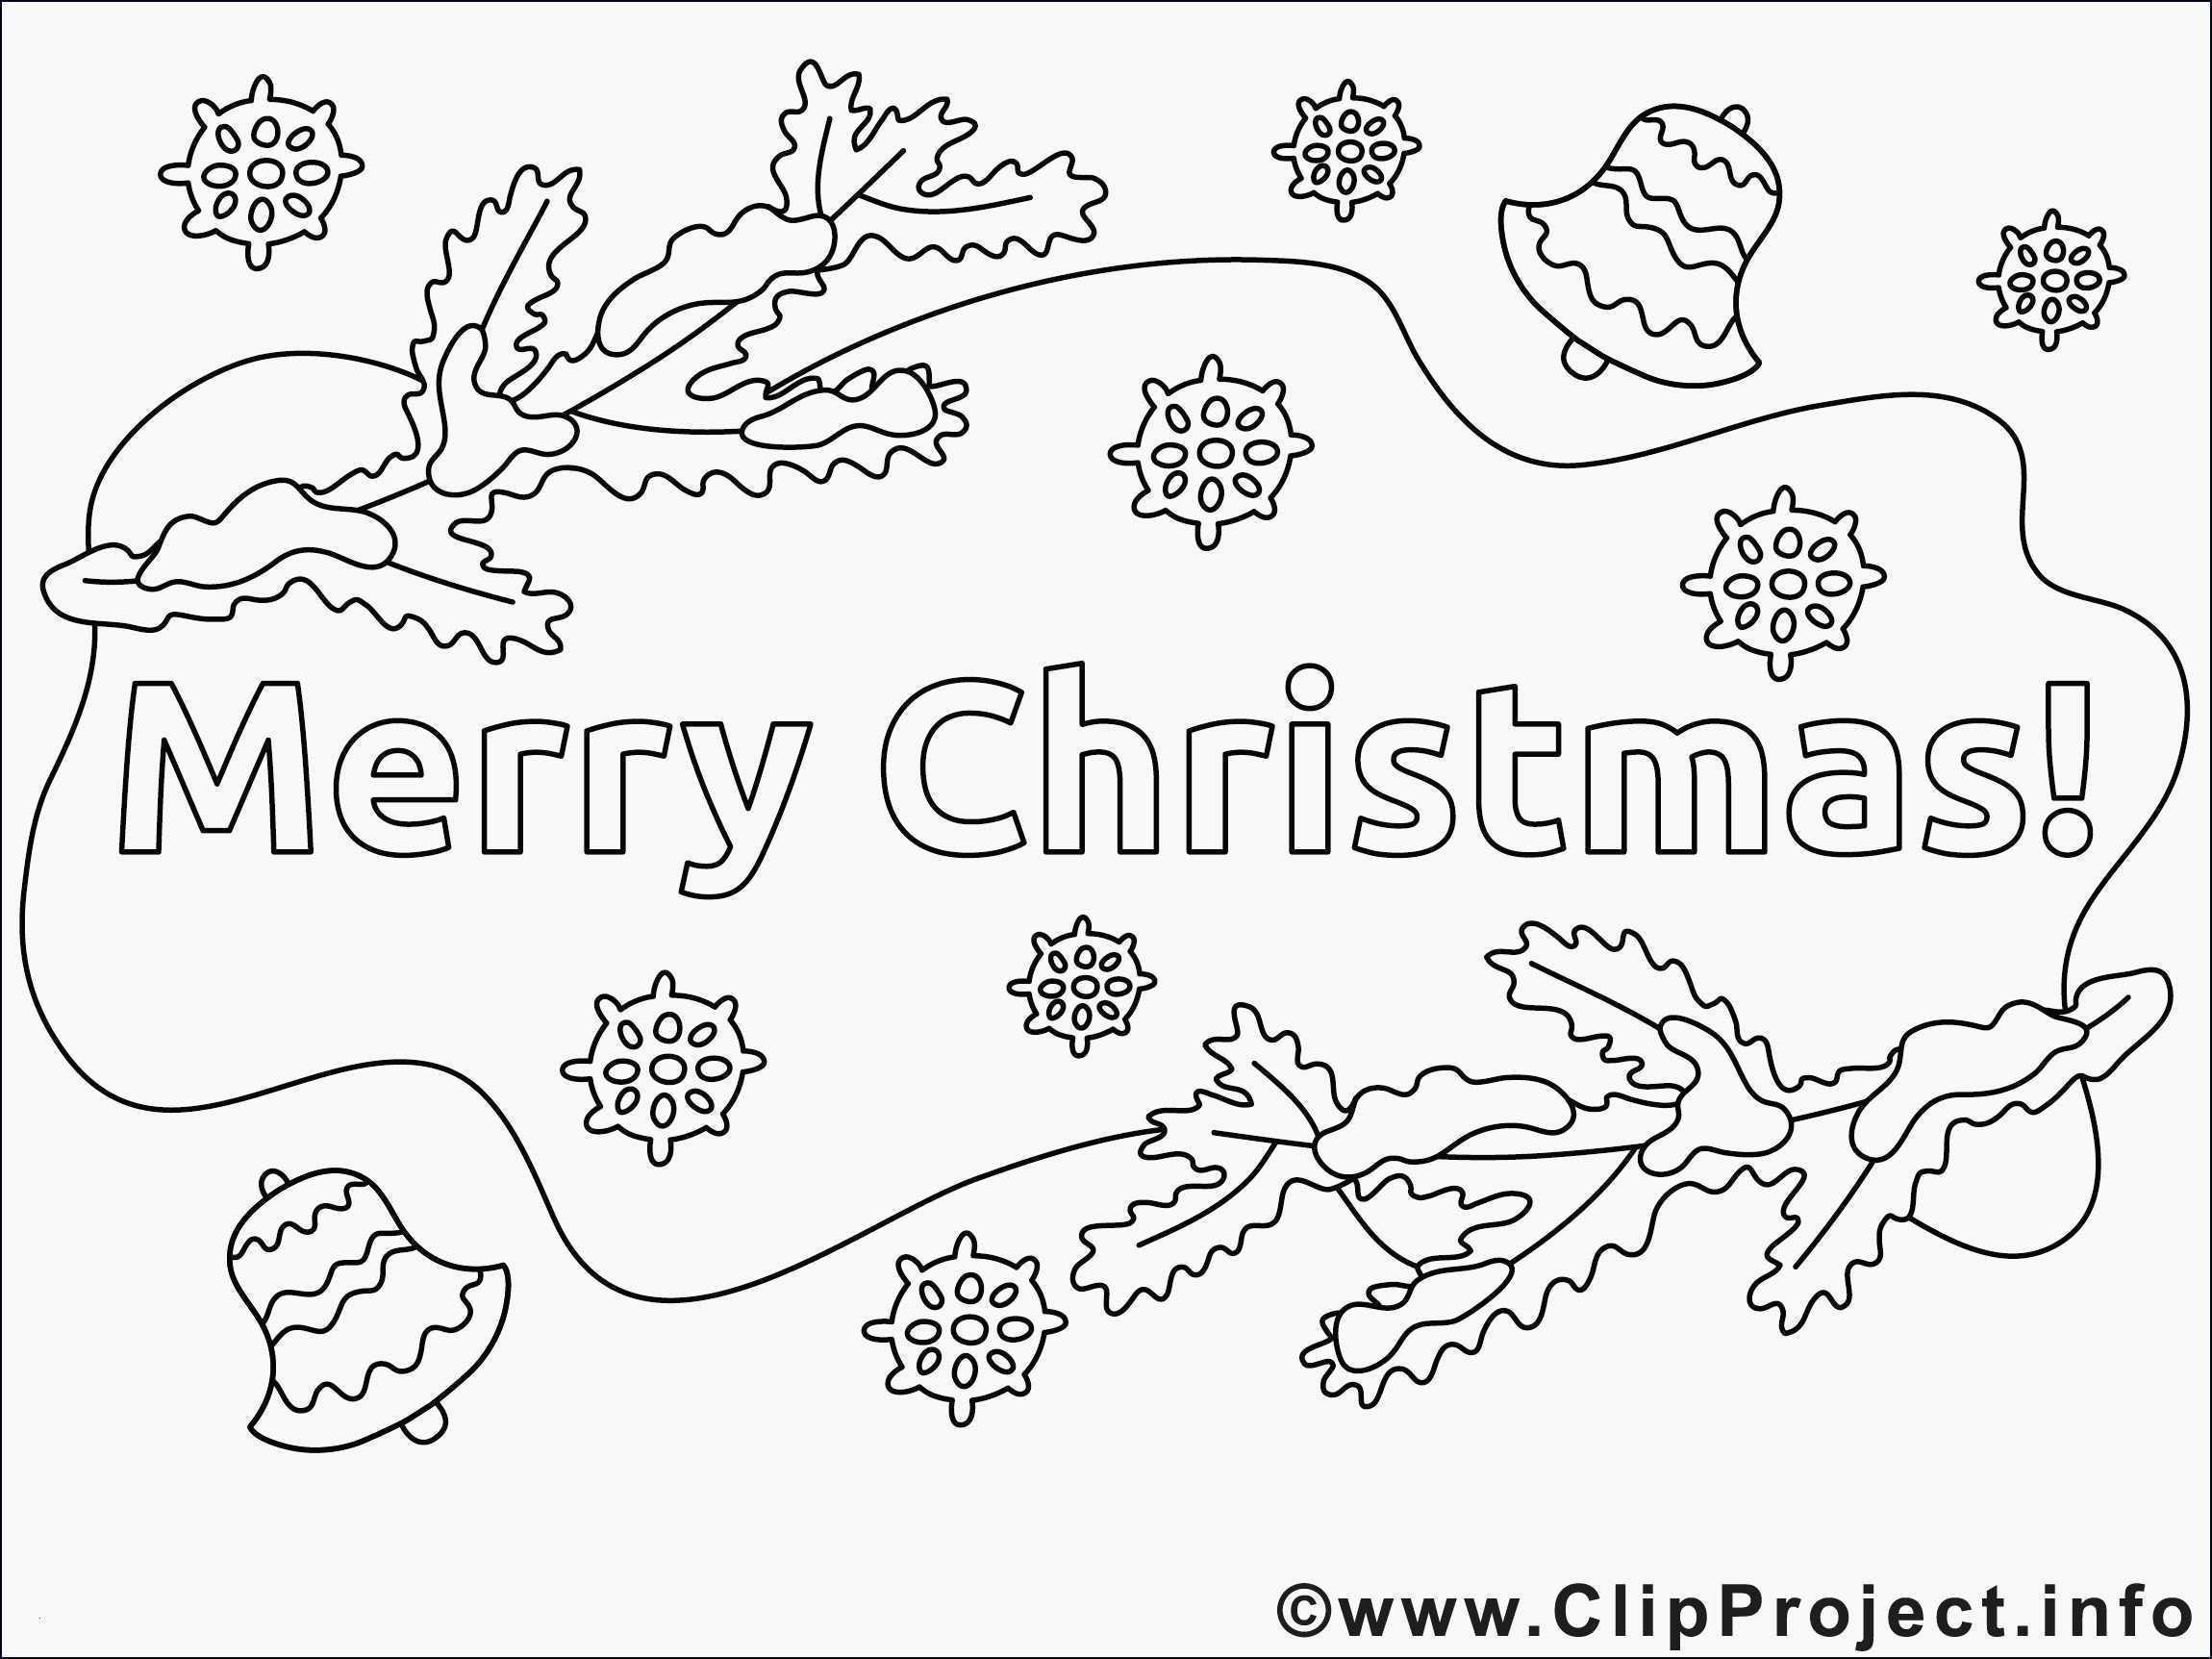 Malvorlagen Weihnachten Disney Genial Window Color Vorlagen Weihnachten Schneeflocke Aufnahme Malvorlagen Stock